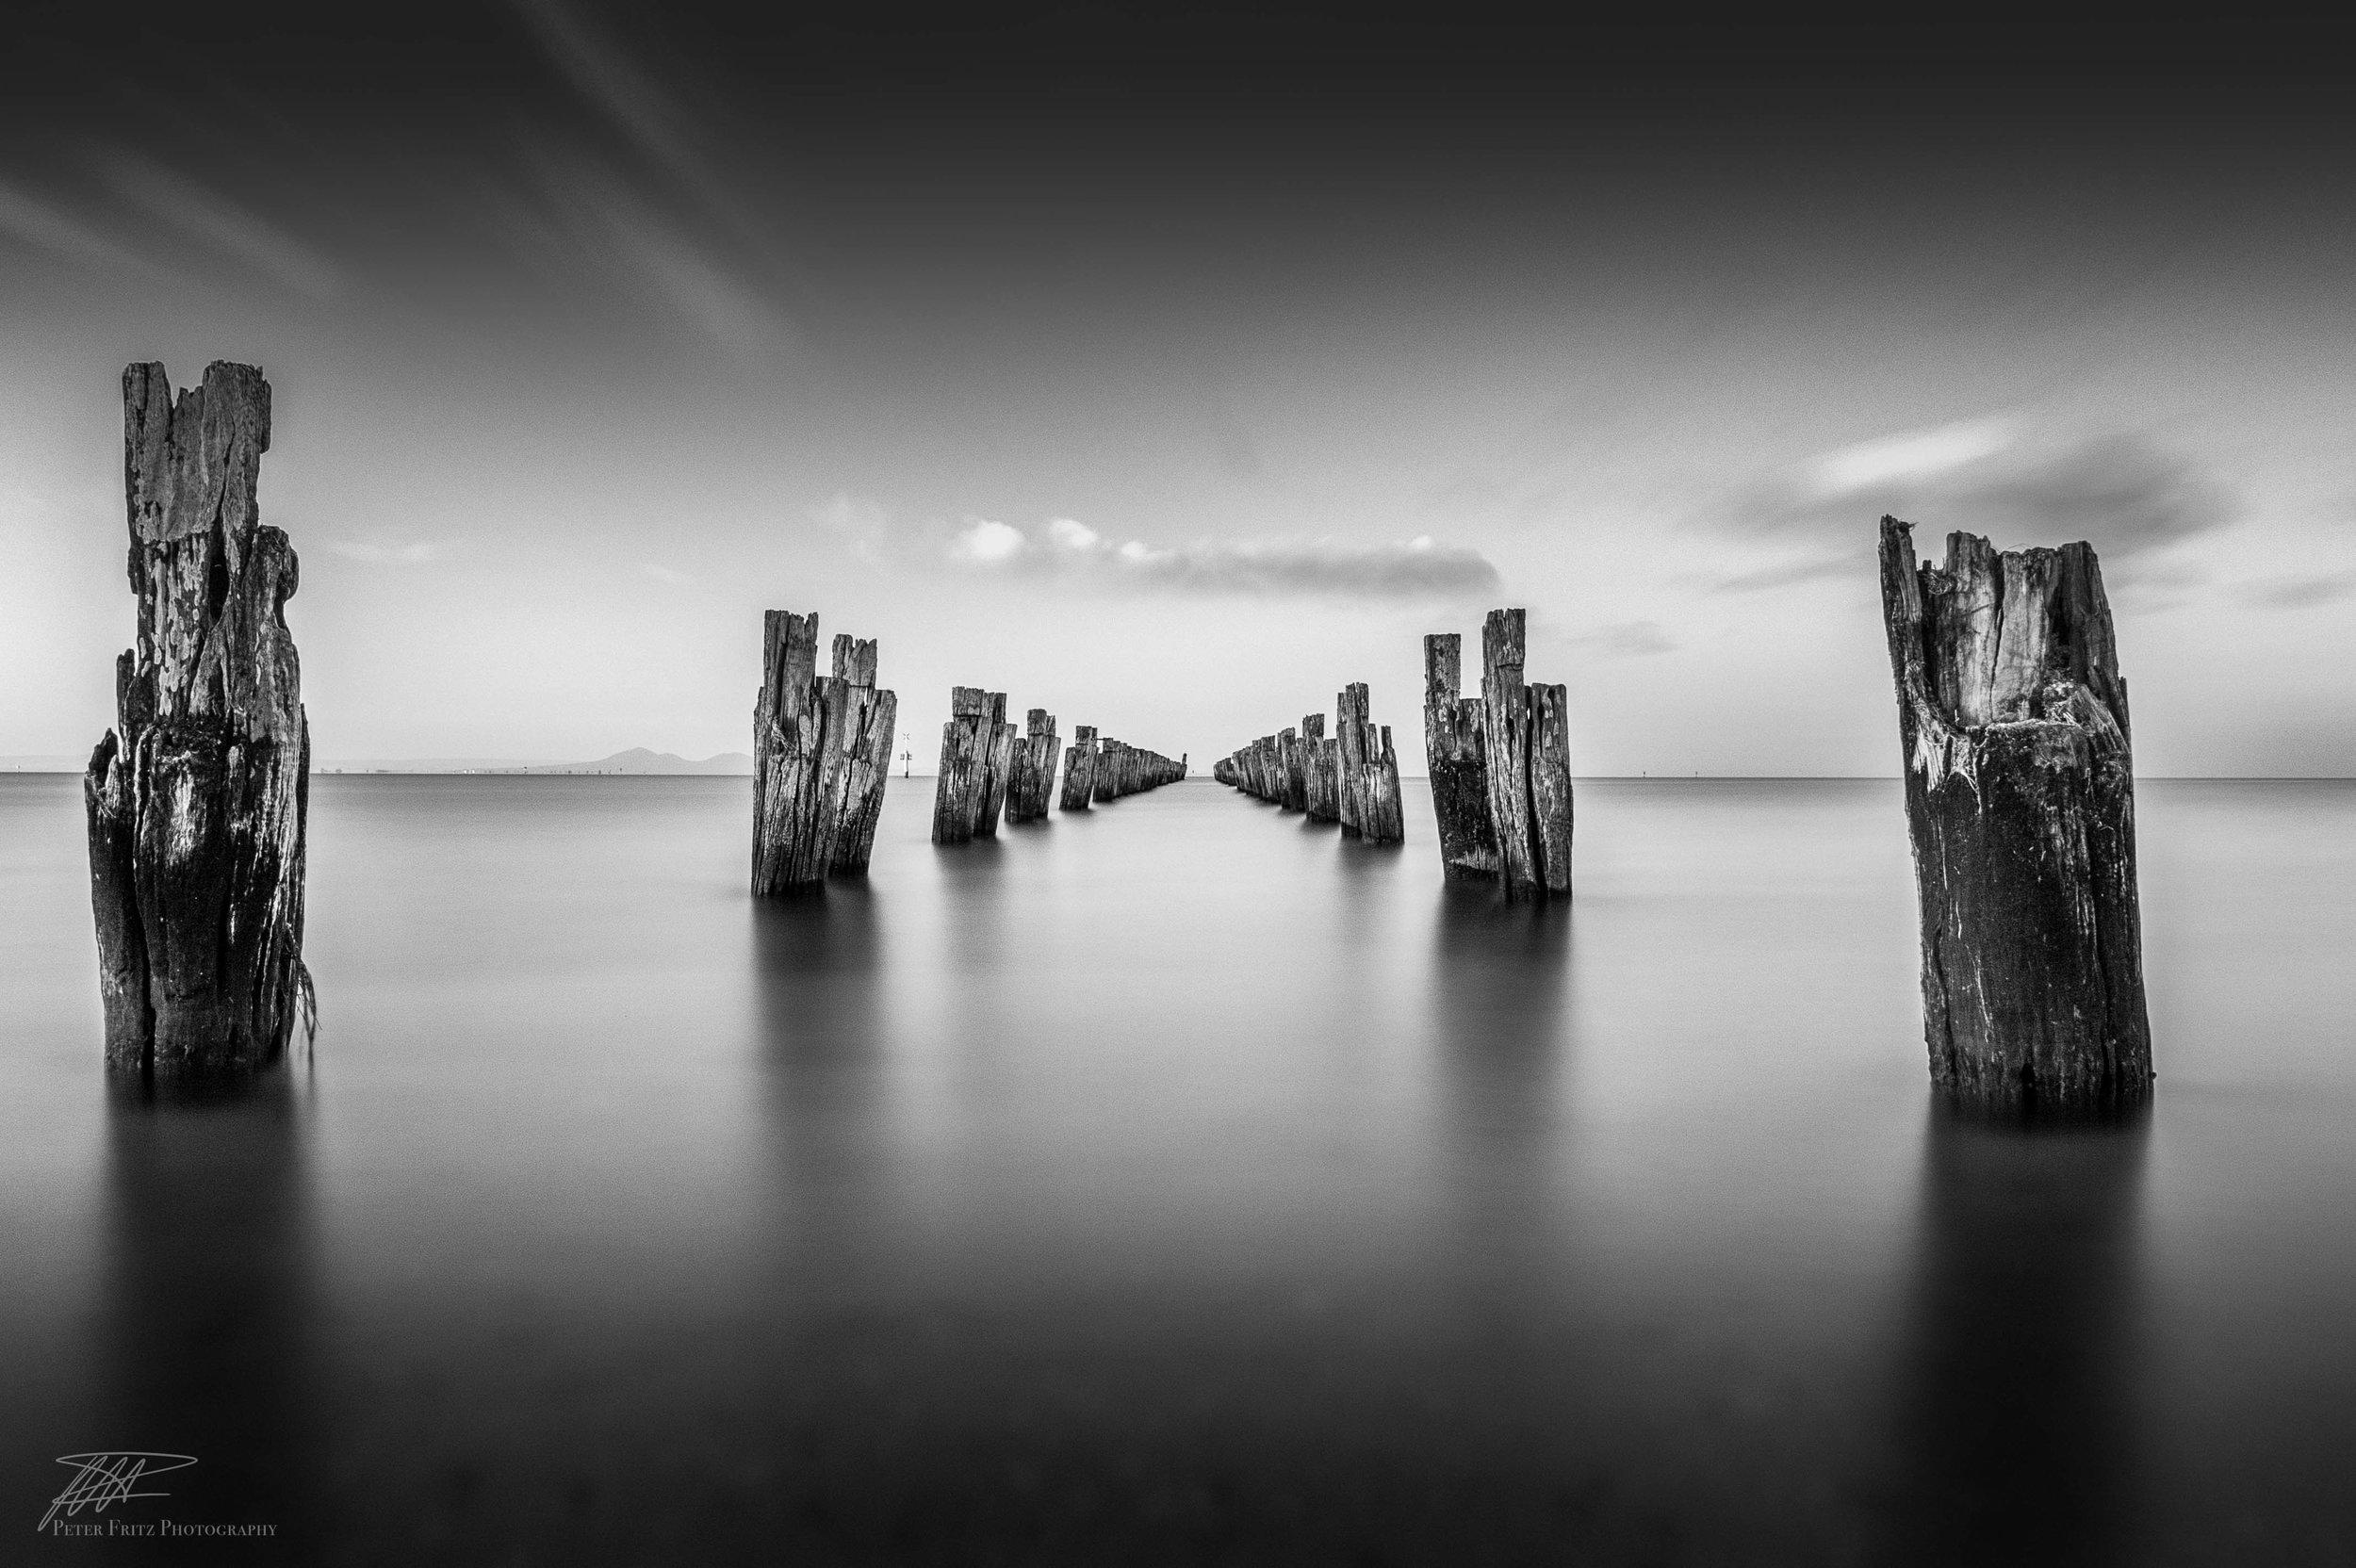 Endless jetty